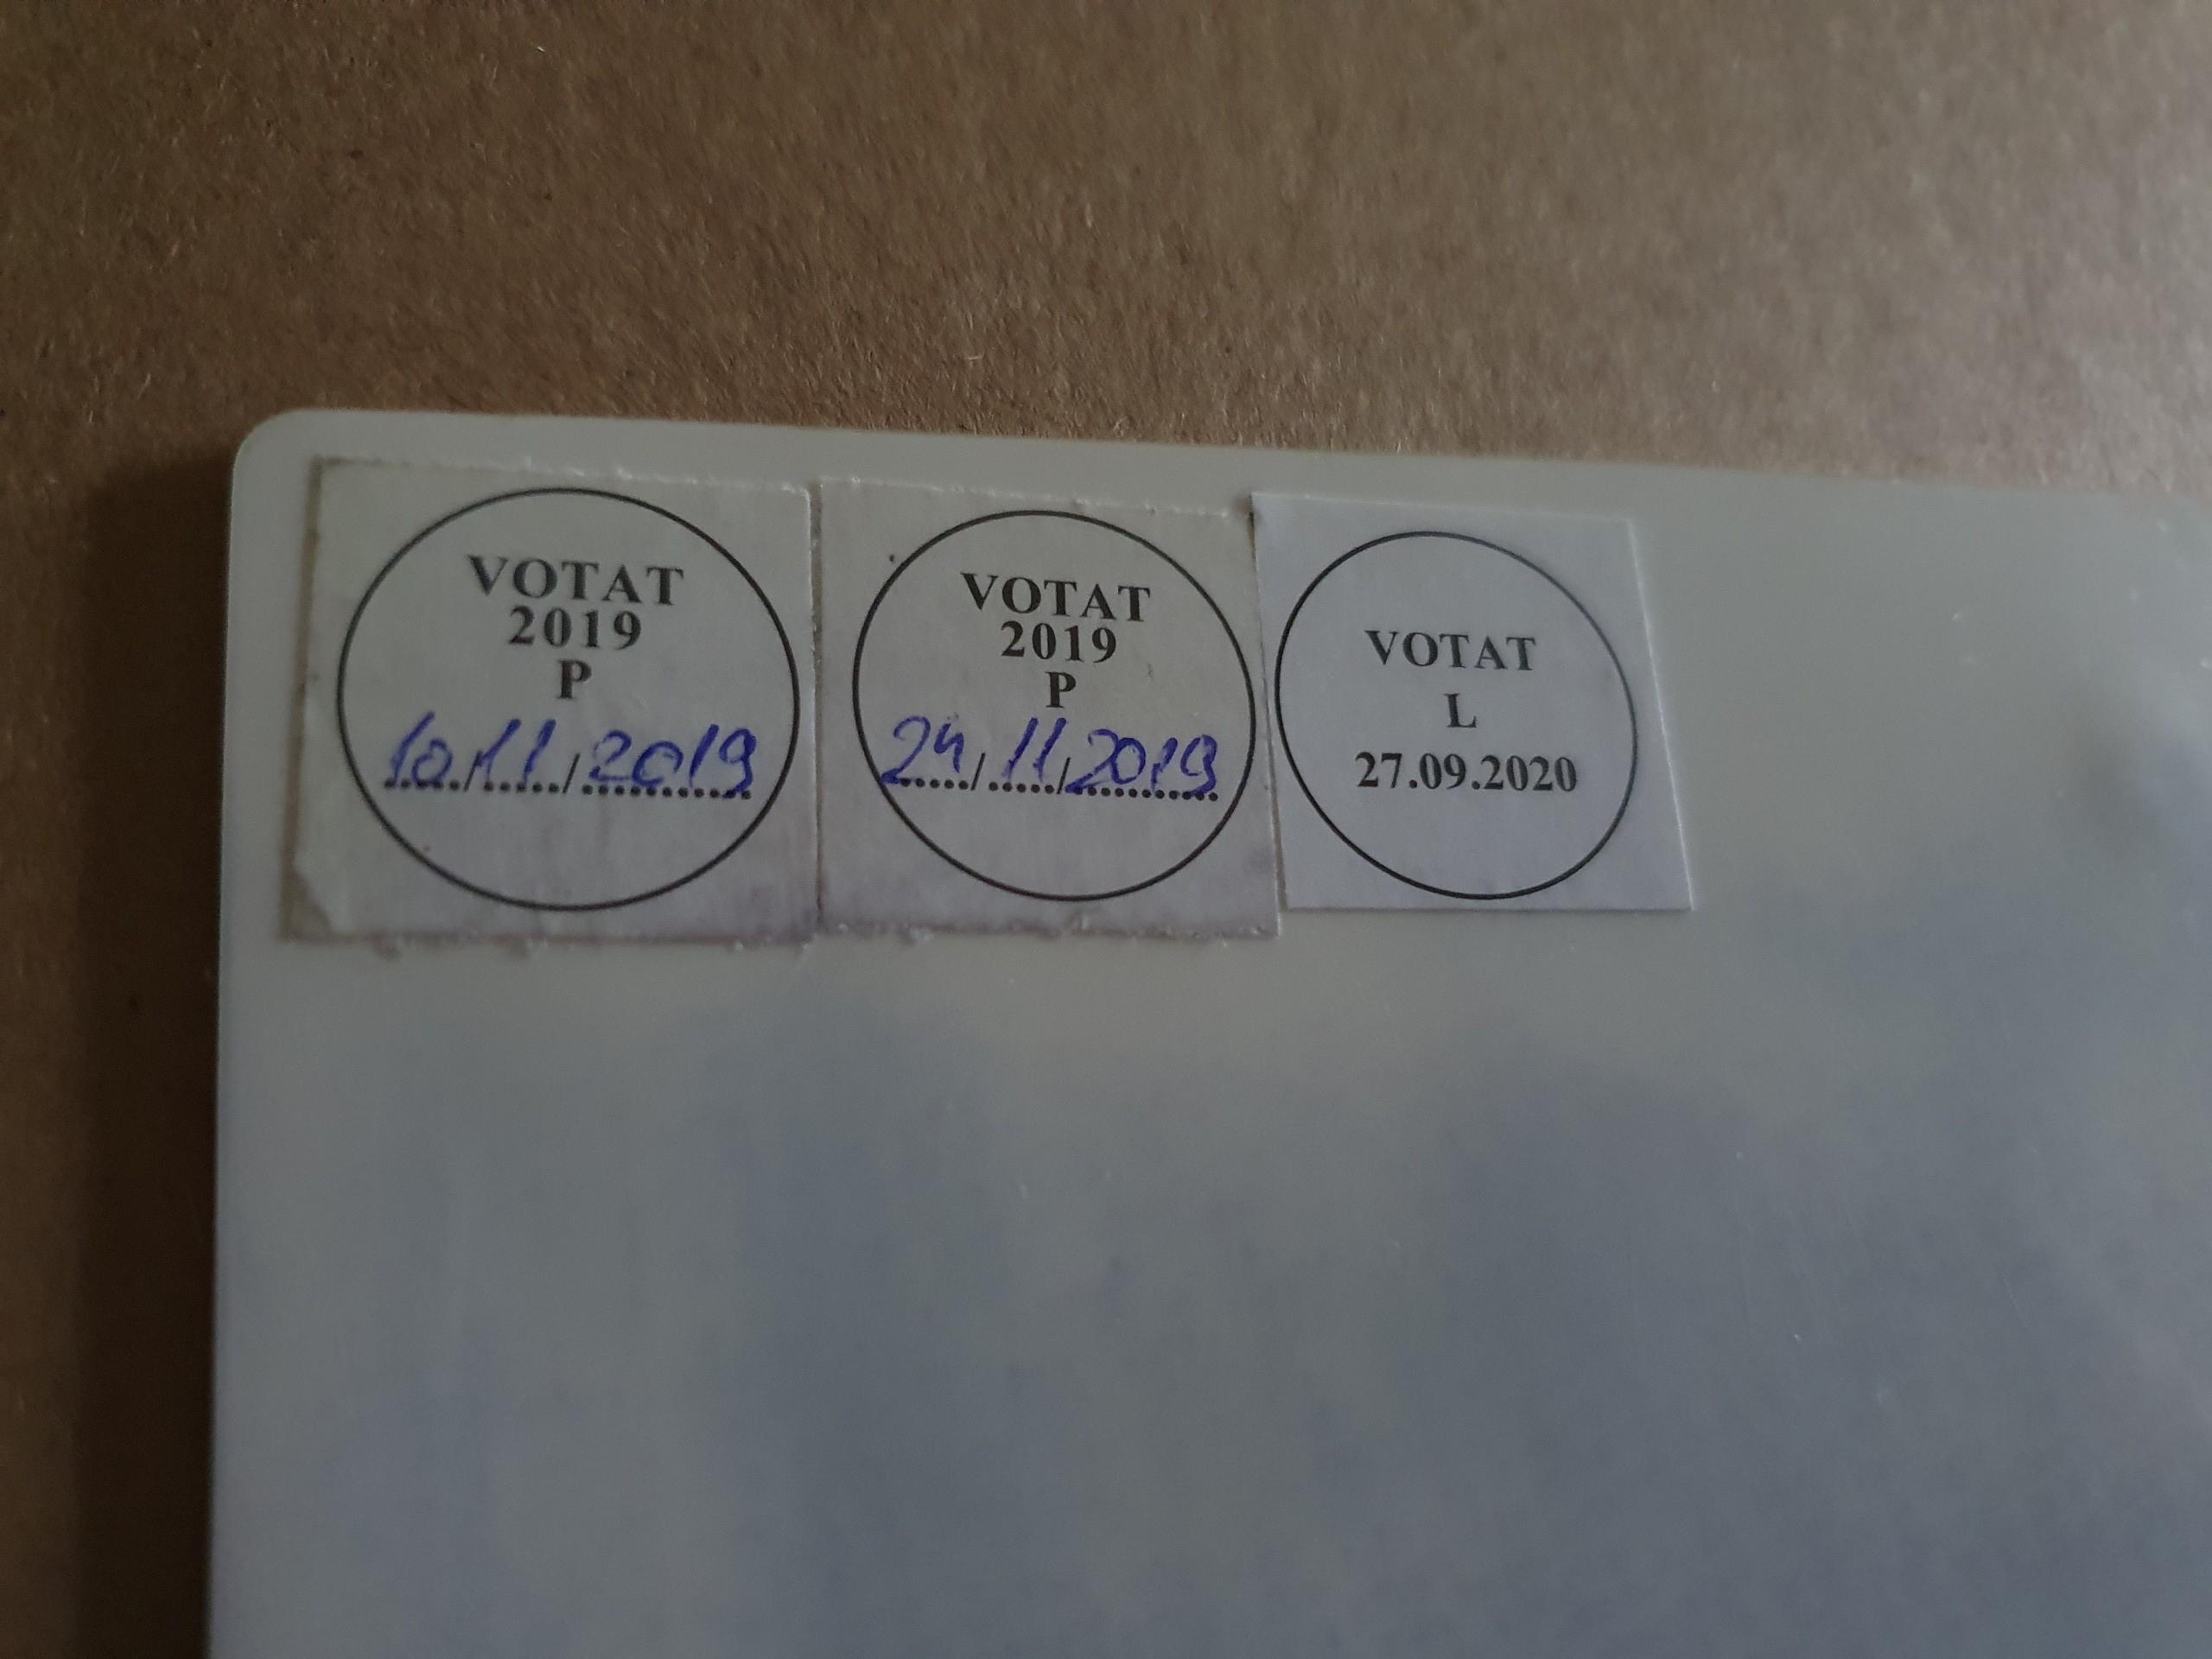 Spatele buletinului, cu stickerele de la alegerile precedente